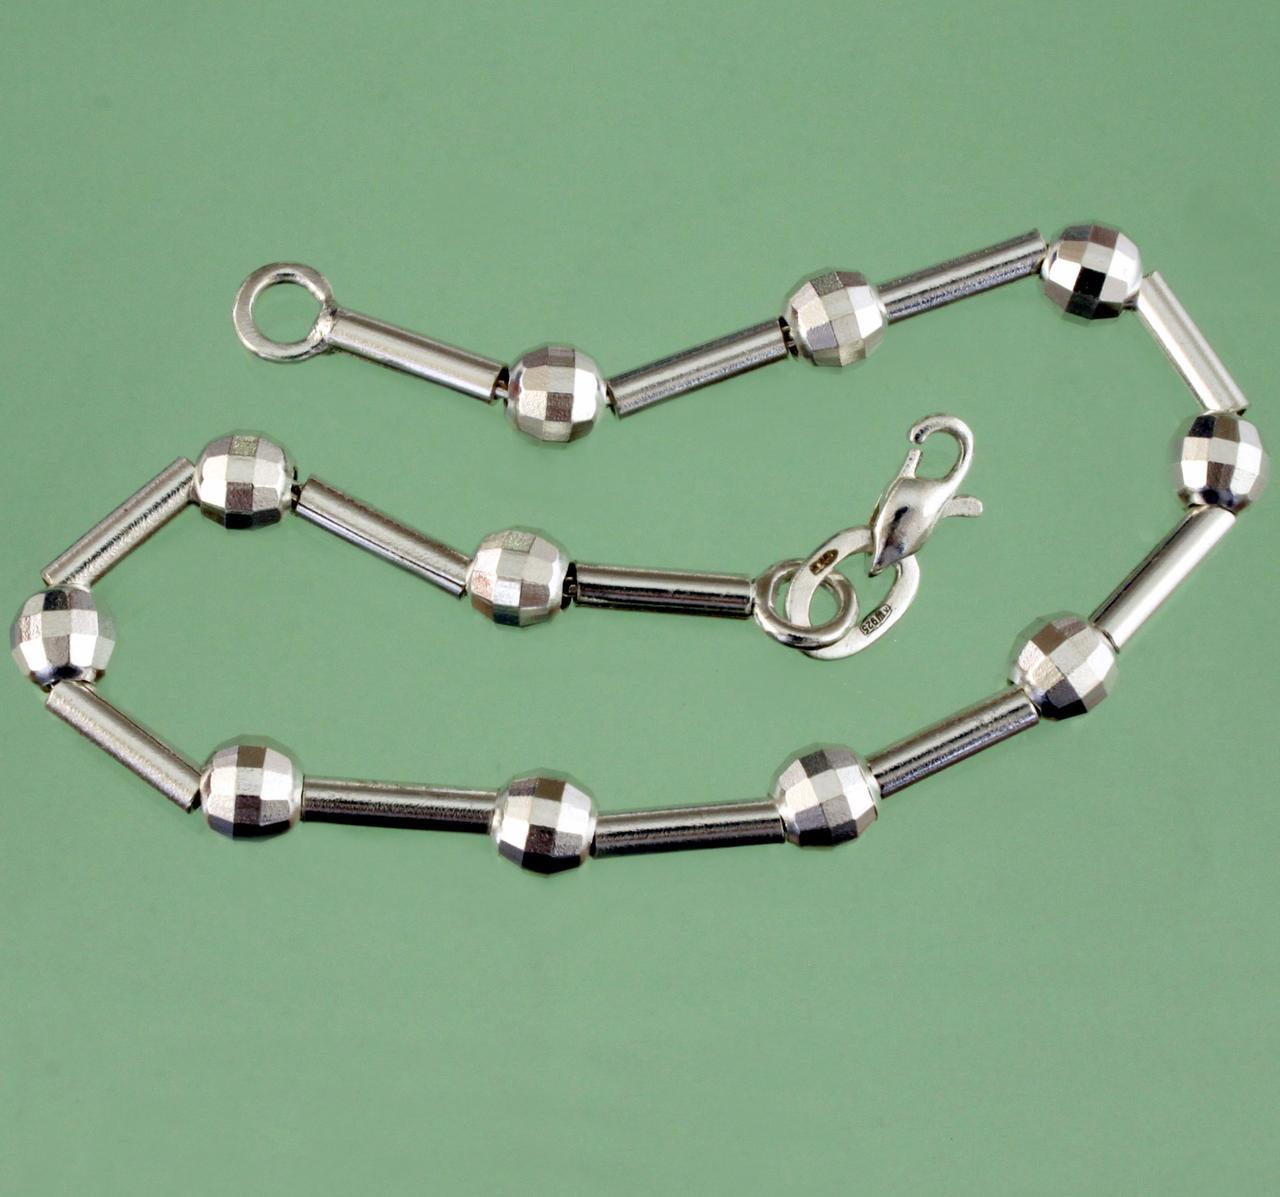 Срібний браслет без вставок ручної роботи - Державне підприємство